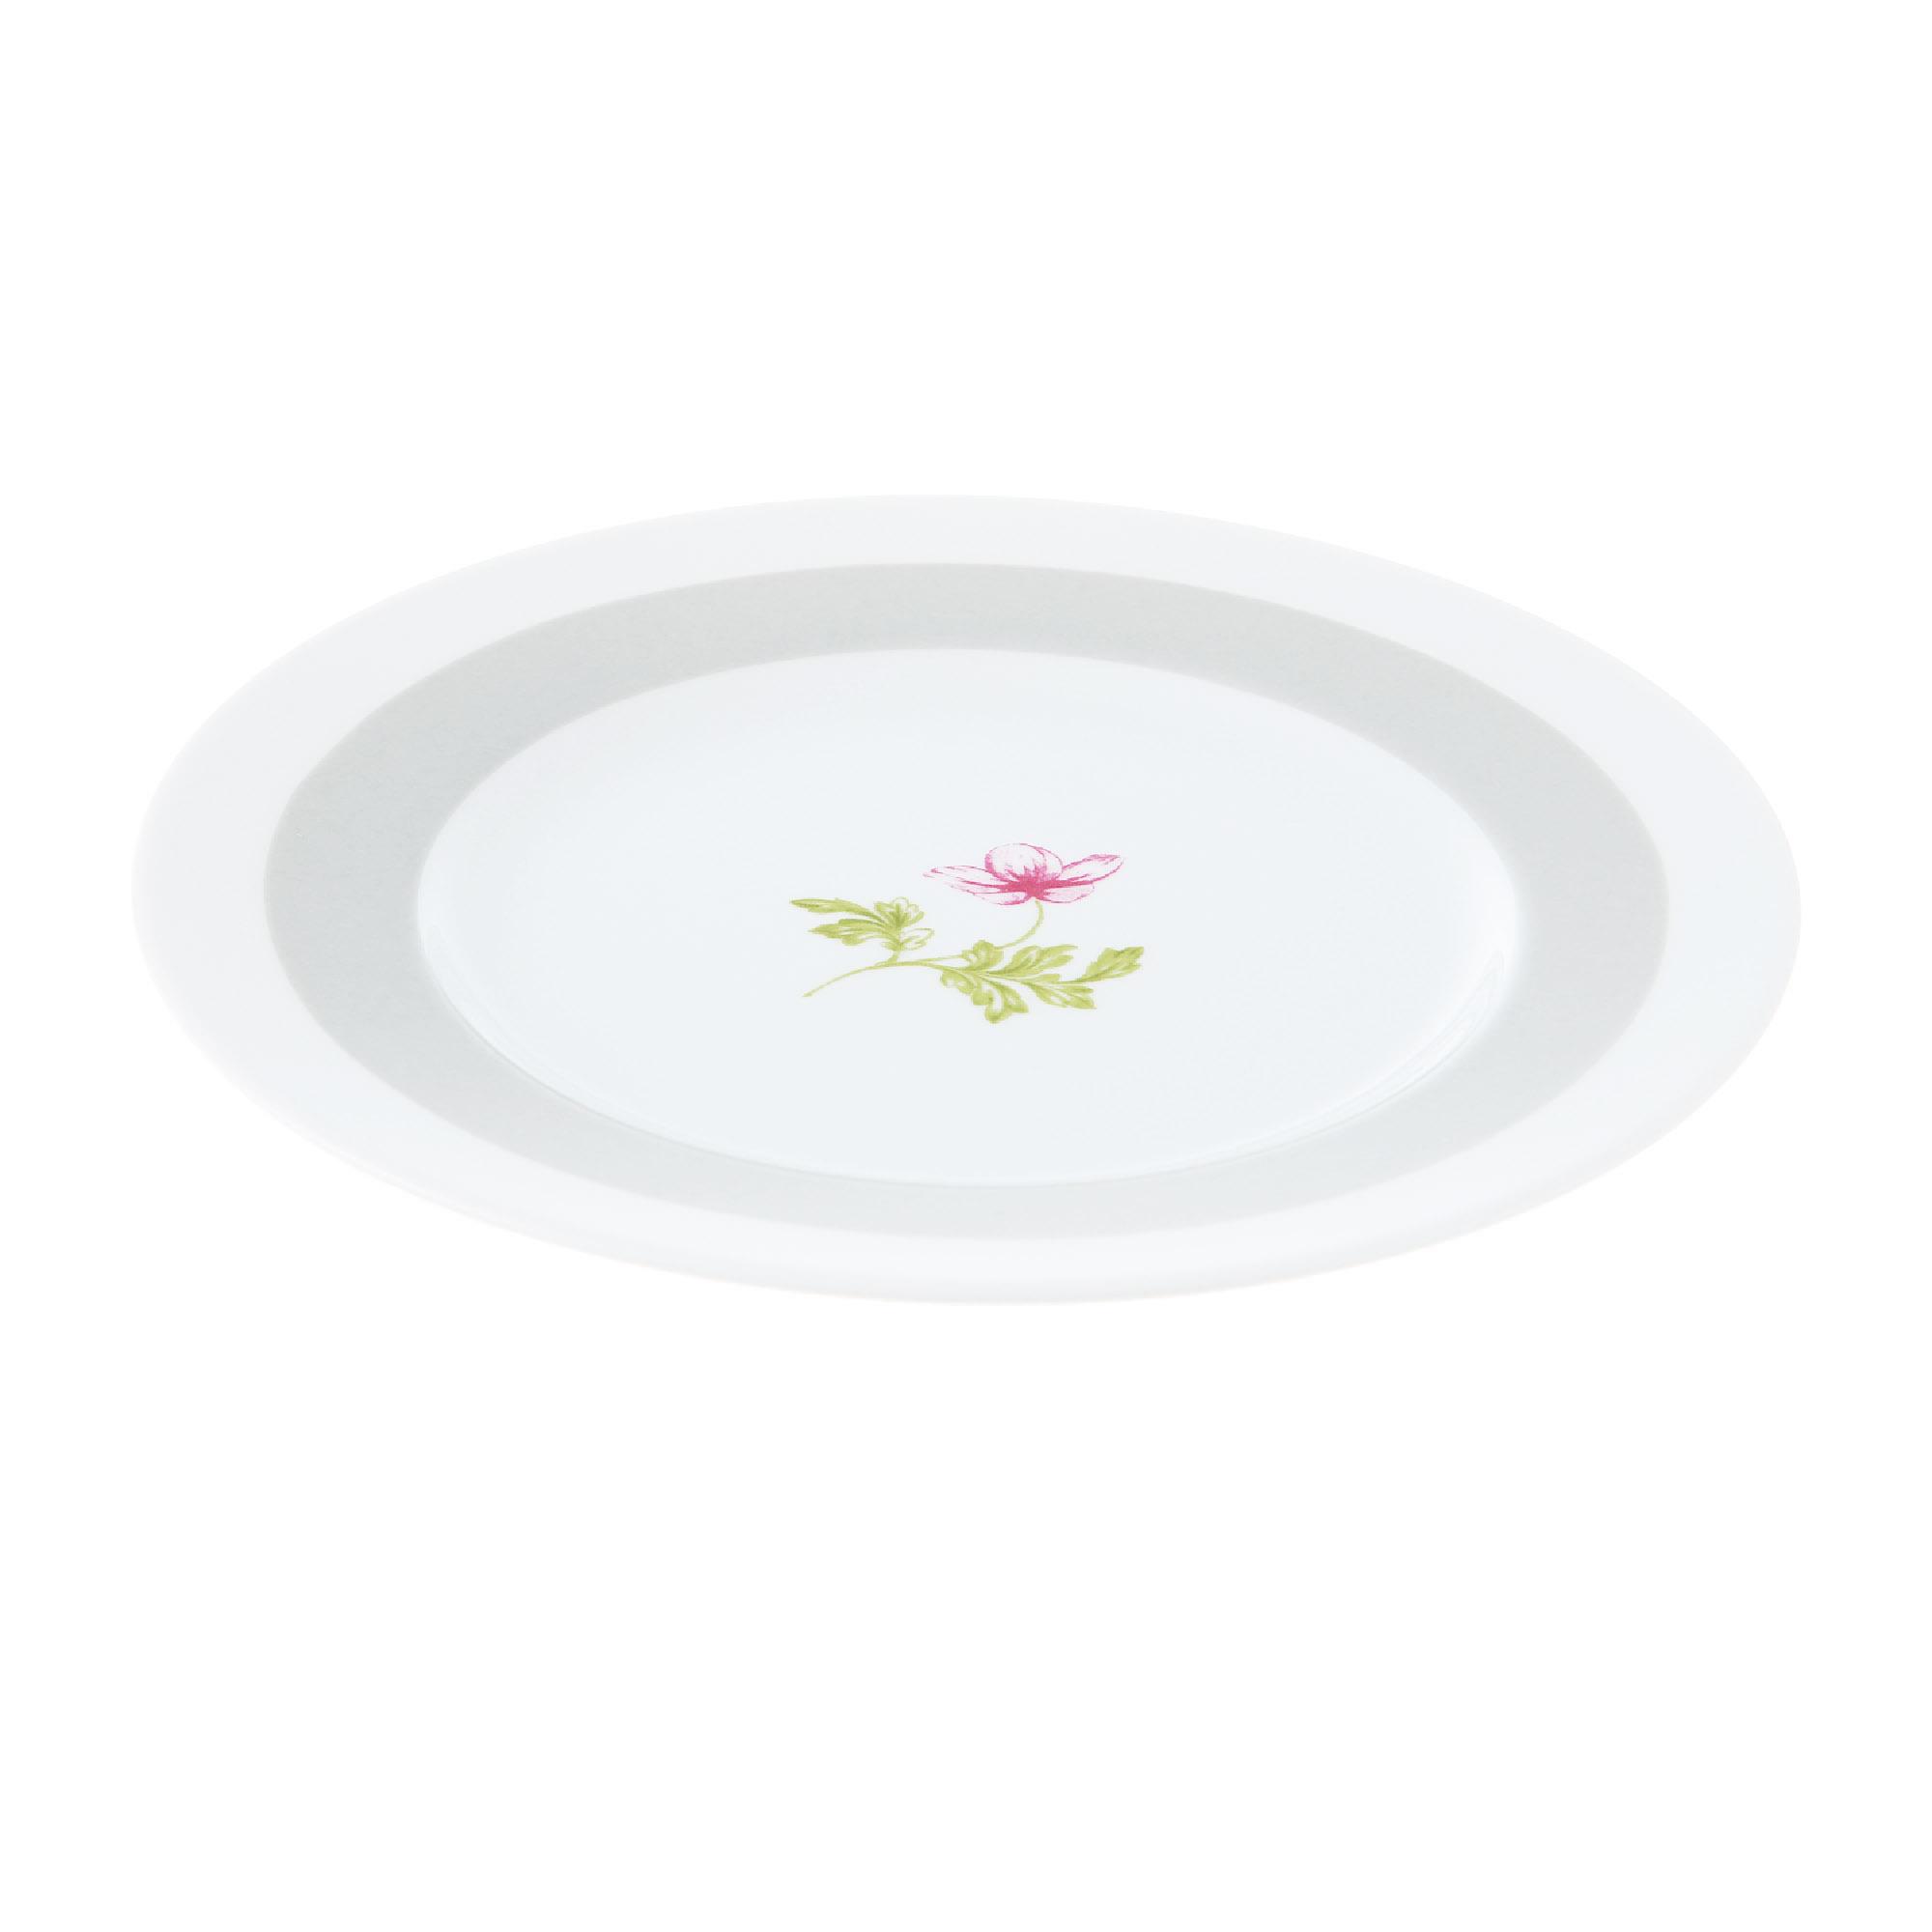 Тарелка десертная Yves De La Rosiere Cocooning 22 см тарелка плоская yves de la rosiere cocooning 27 см